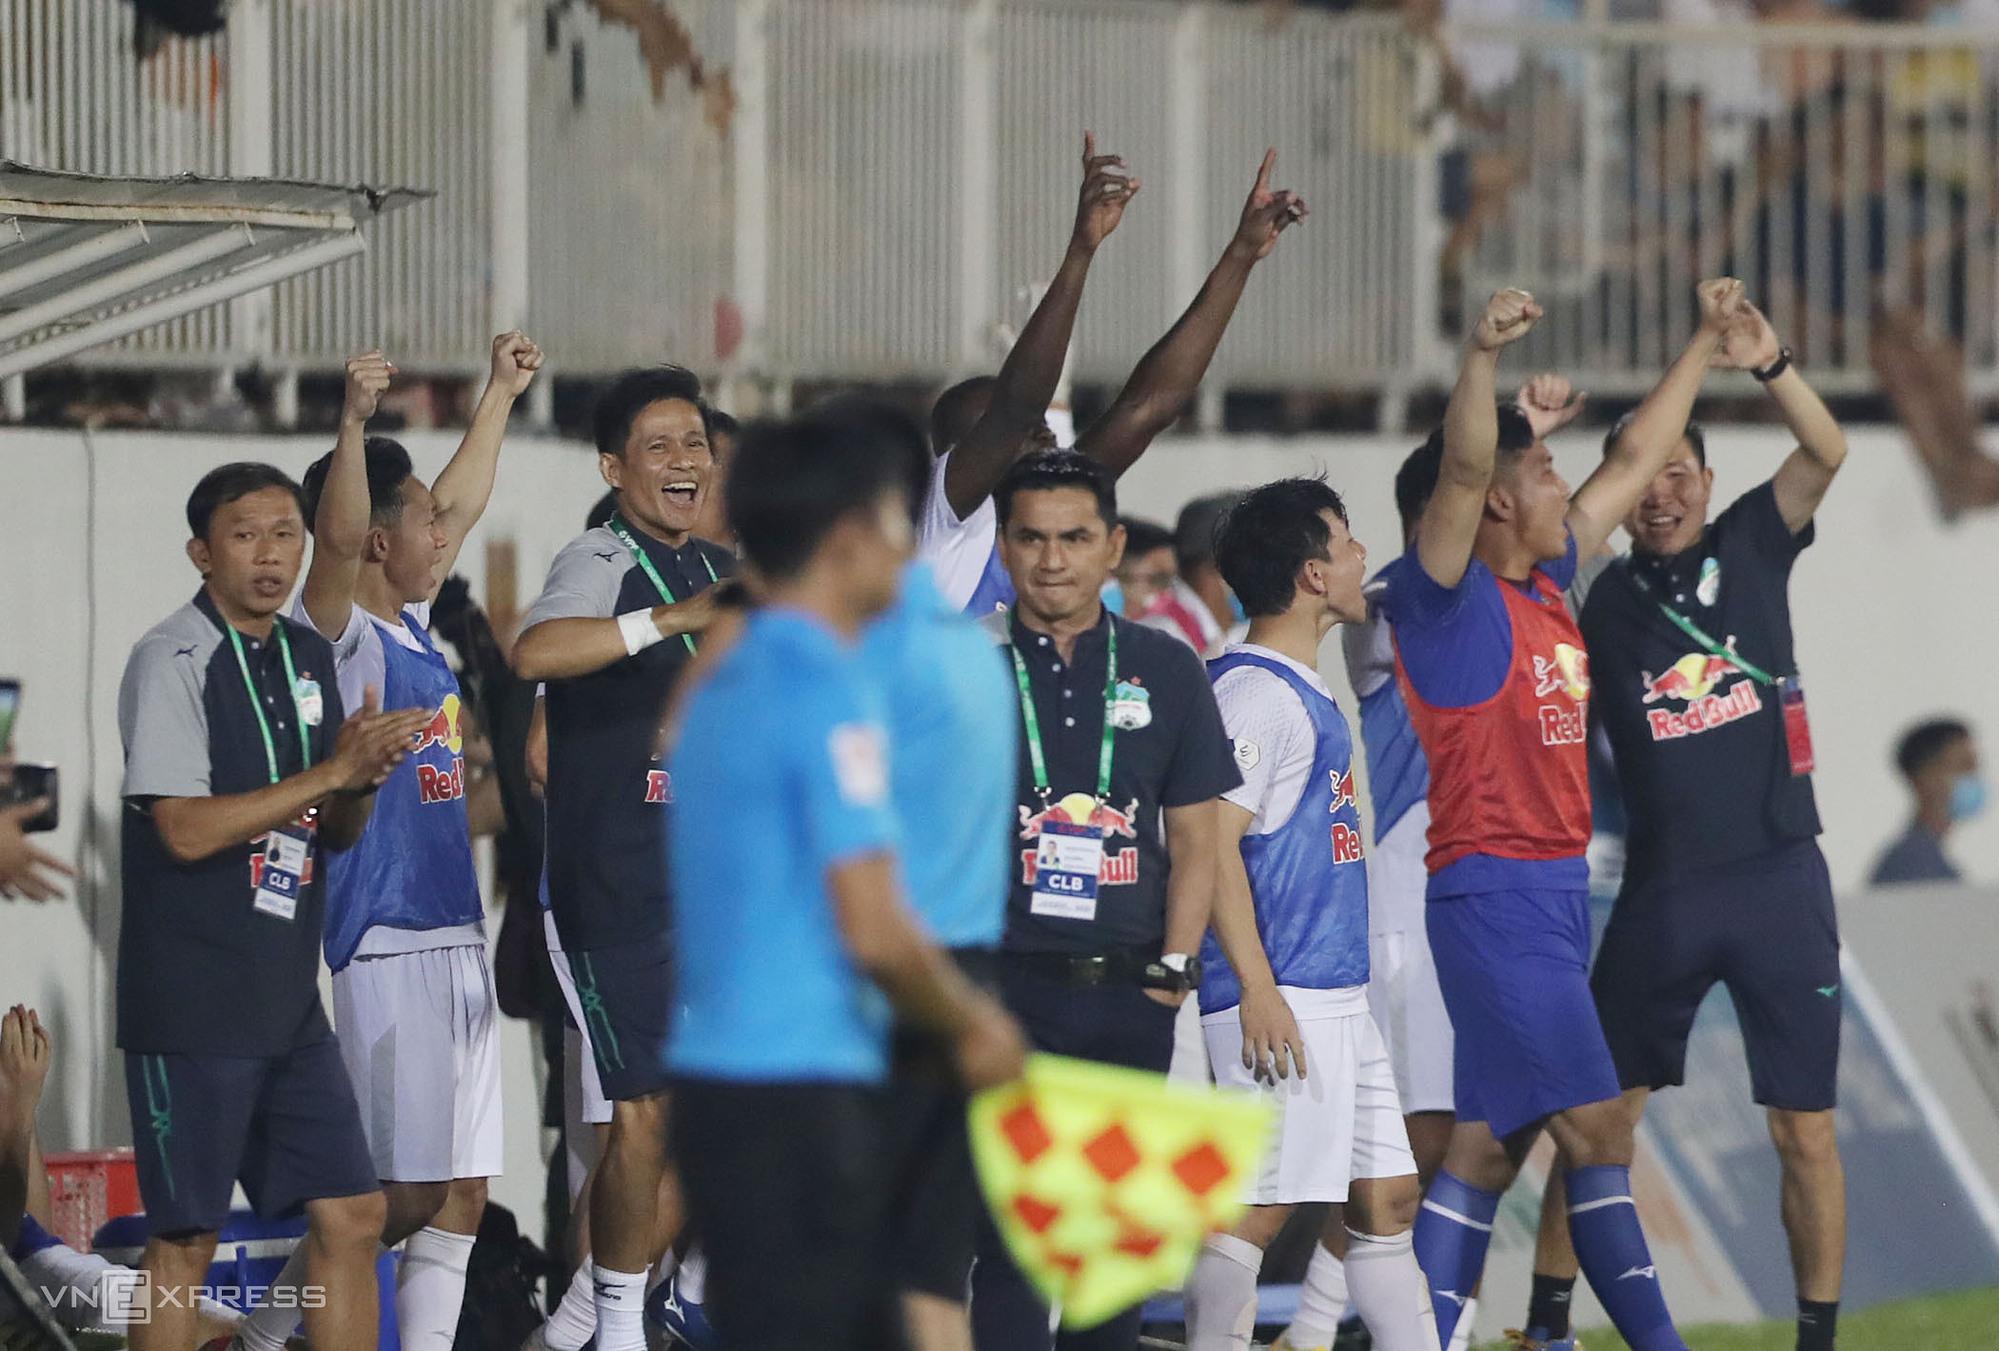 Kiatisuk (giữa) tỏ ra bình thản giữa sự phấn khích tột độ của các cộng sự trong ban huấn luyện và dàn cầu thủ dự bị HAGL trong khoảnh khắc tan trận. Ảnh: Đức Đồng